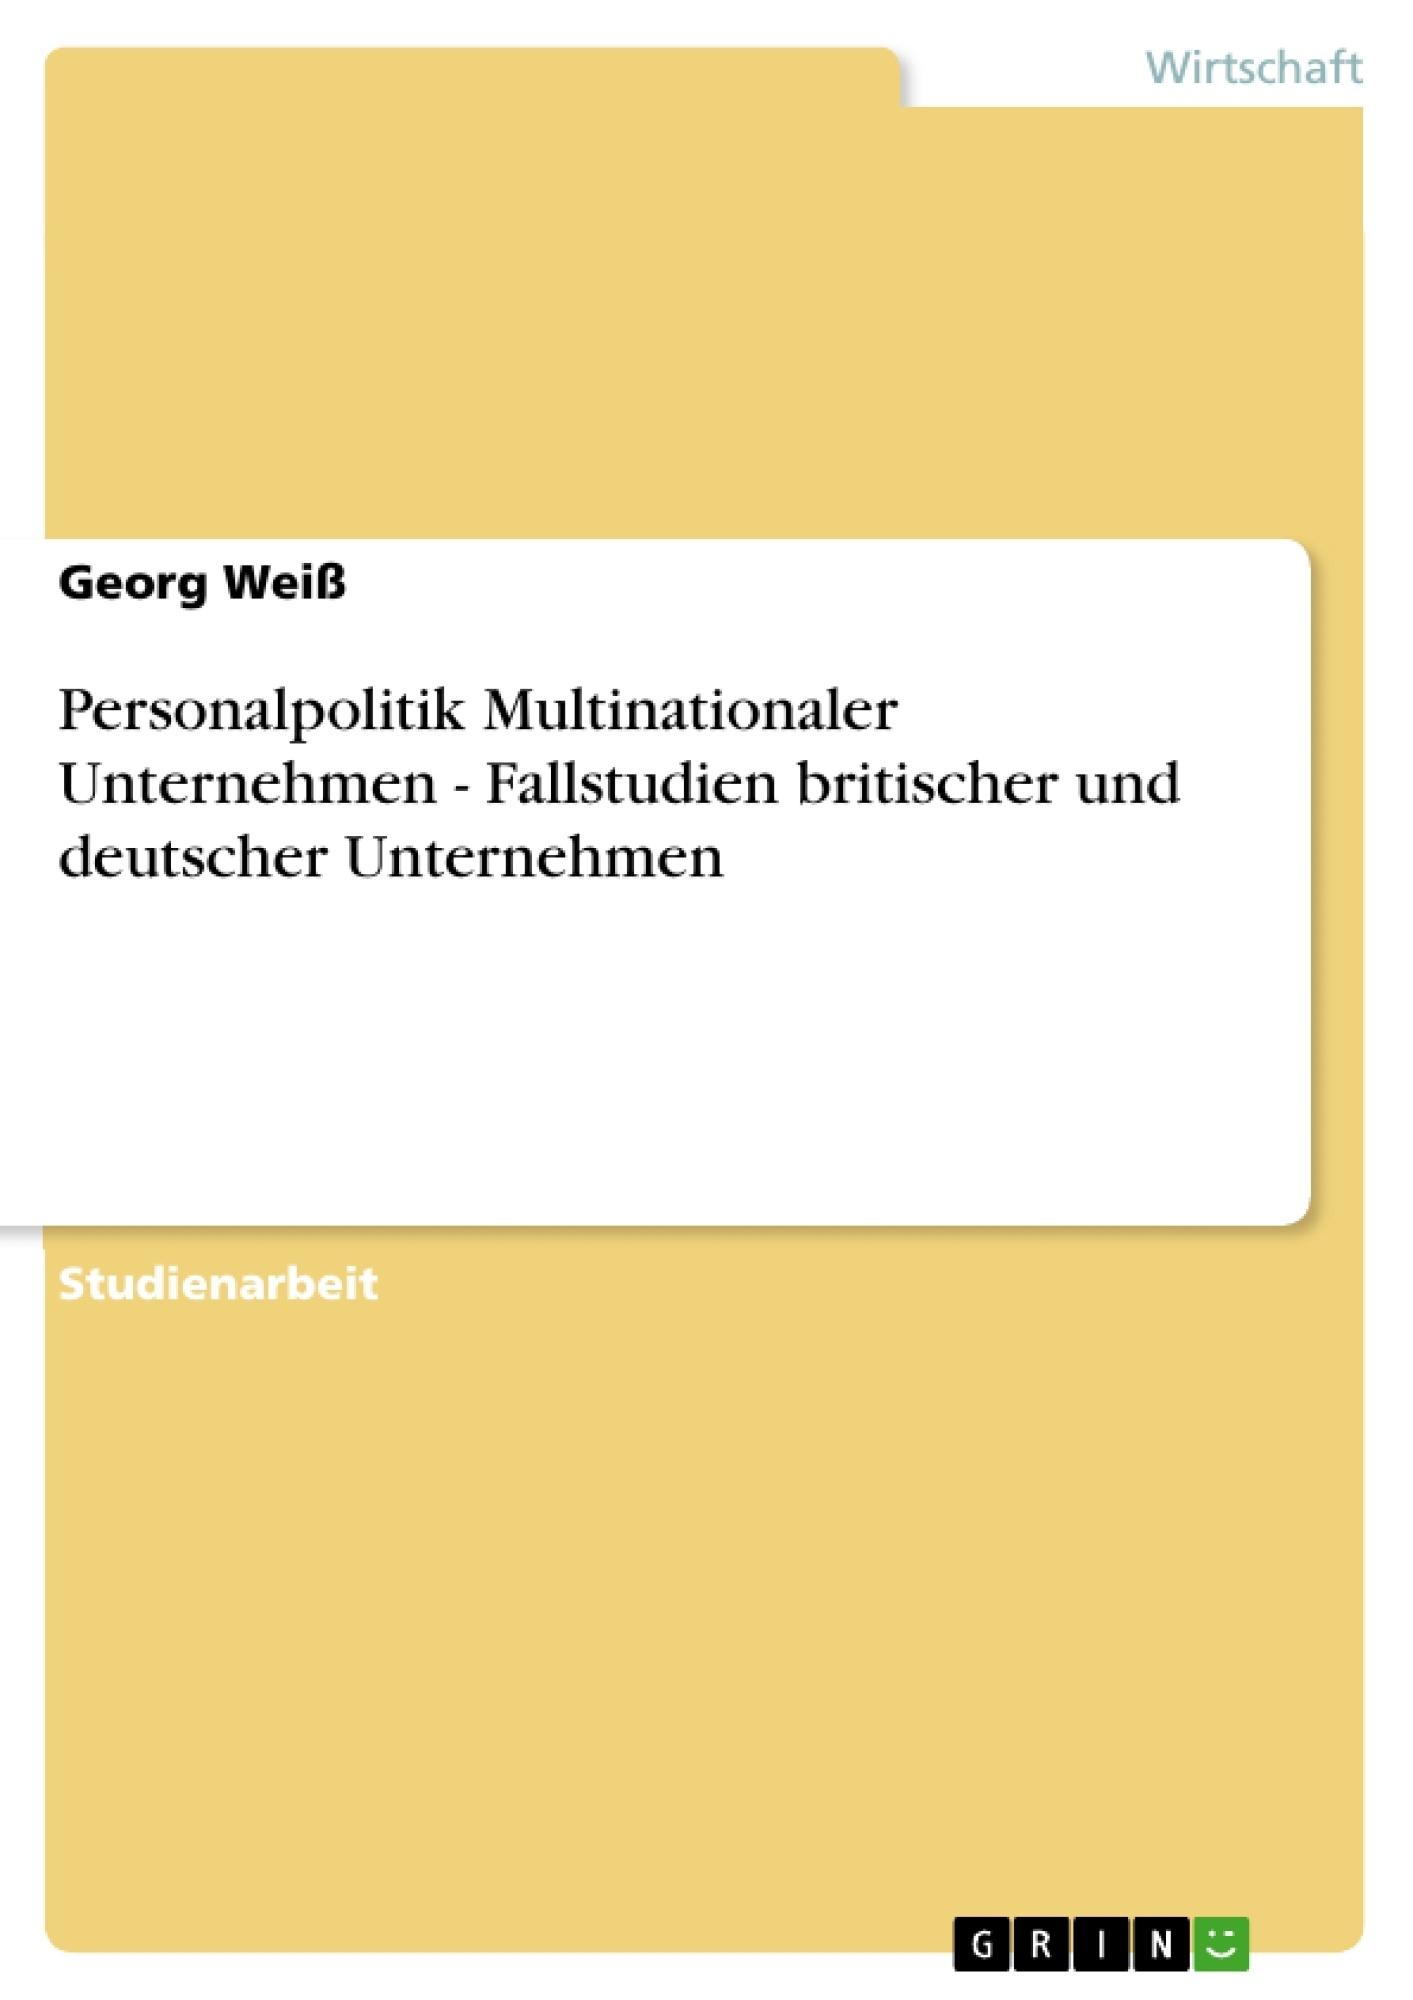 Titel: Personalpolitik Multinationaler Unternehmen - Fallstudien britischer und deutscher Unternehmen